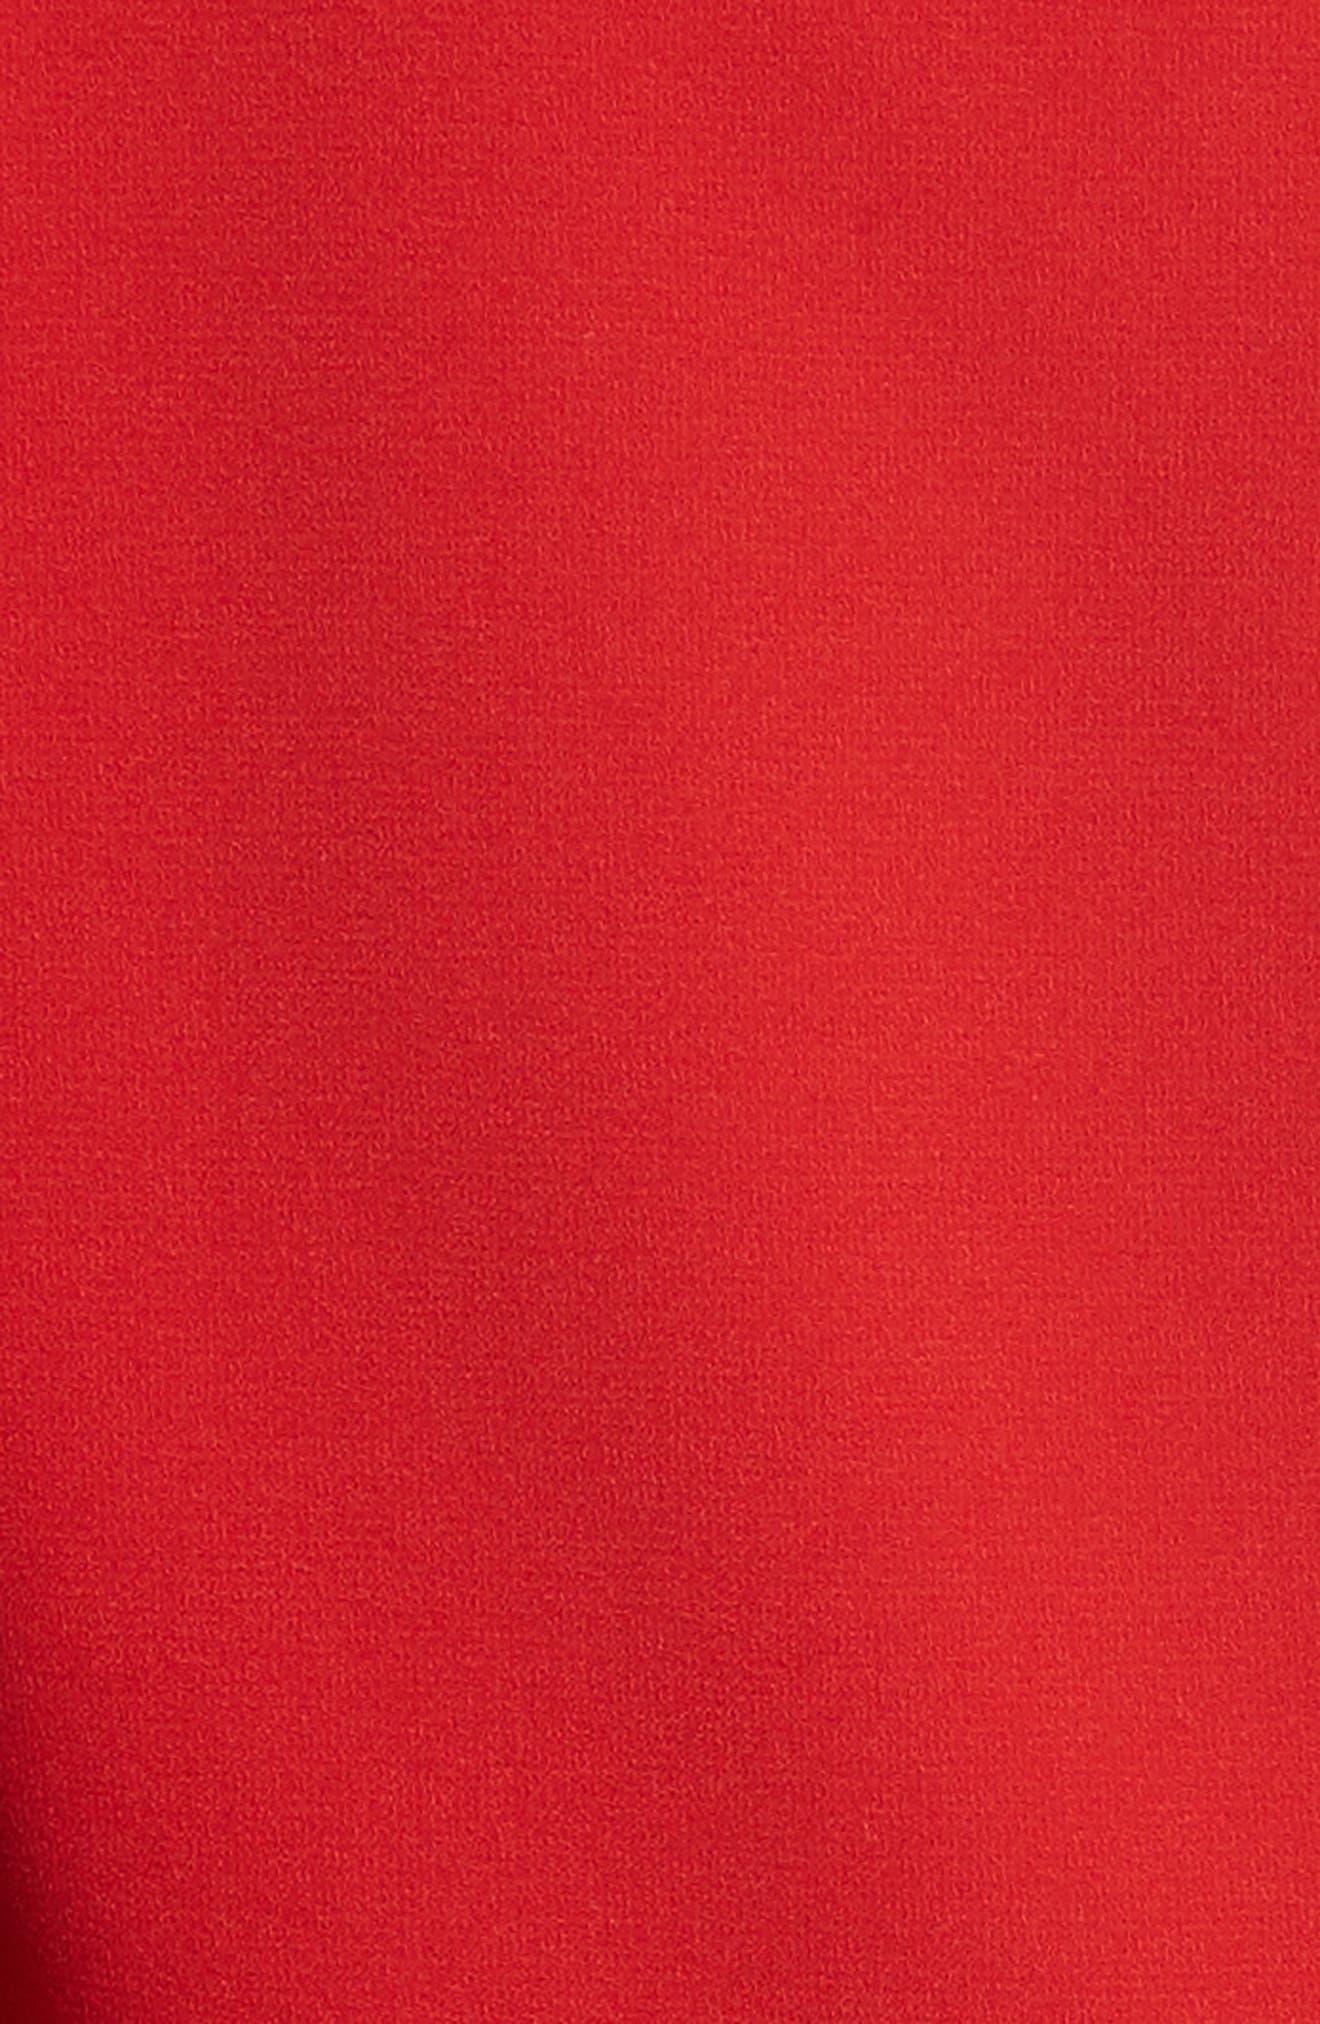 Alternate Image 5  - A.W.A.K.E. Twisted Sleeve Top